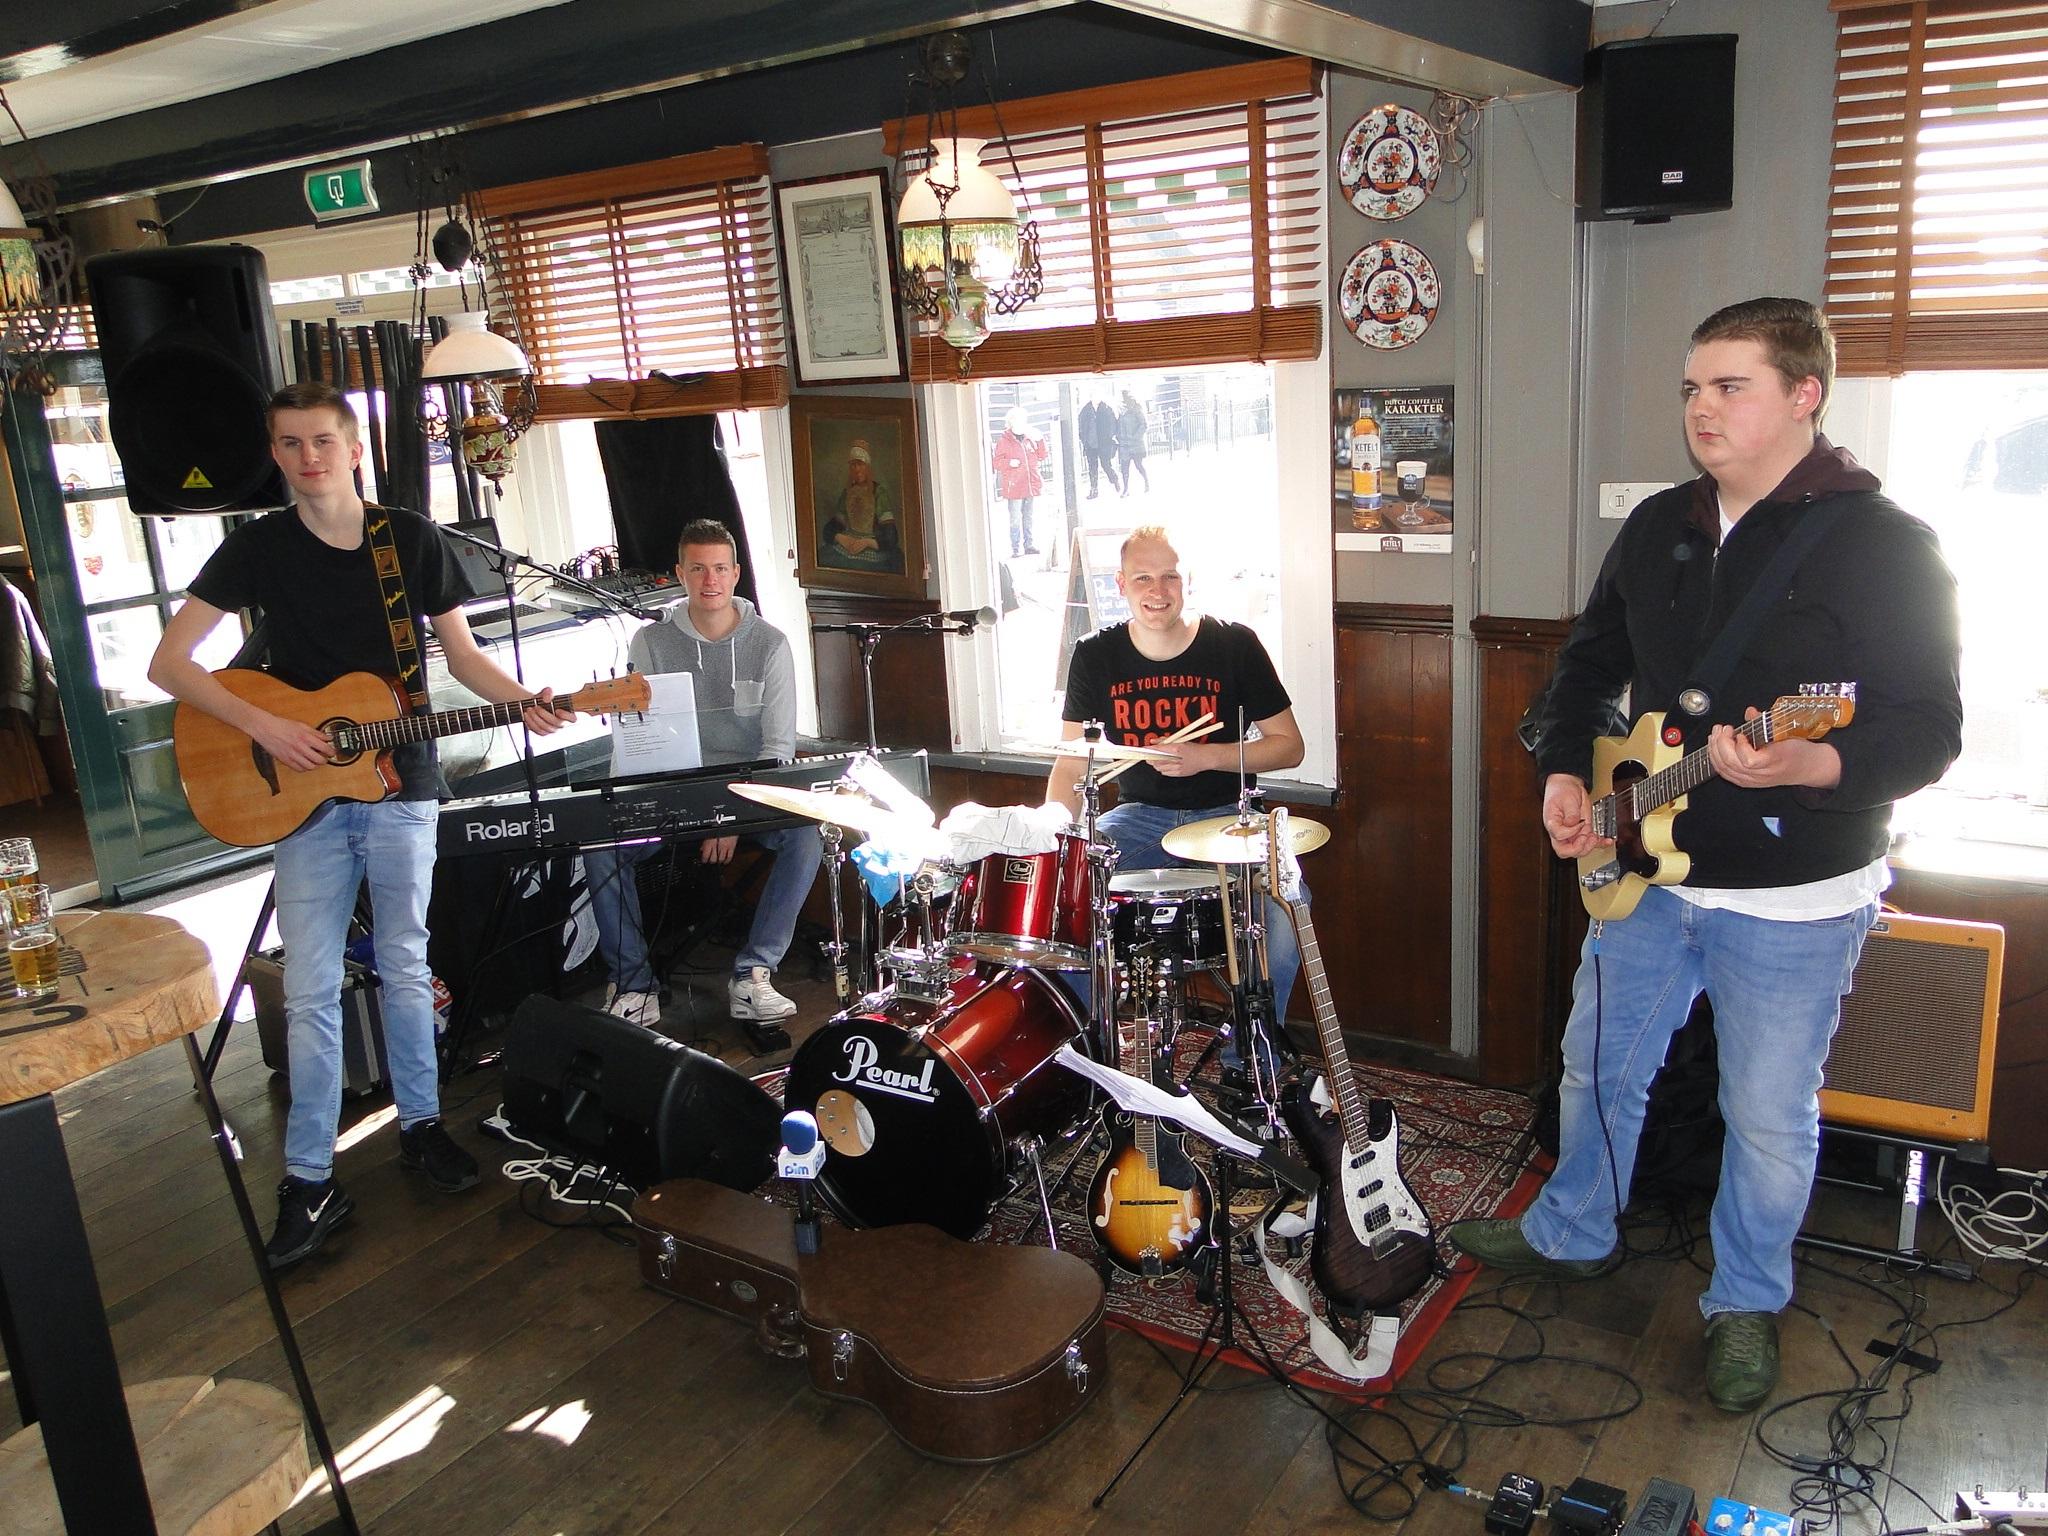 De muziek bij Land en Zeezicht werd verzorgd door de Marker band Postman and the Ramblers. (Foto: Pep)